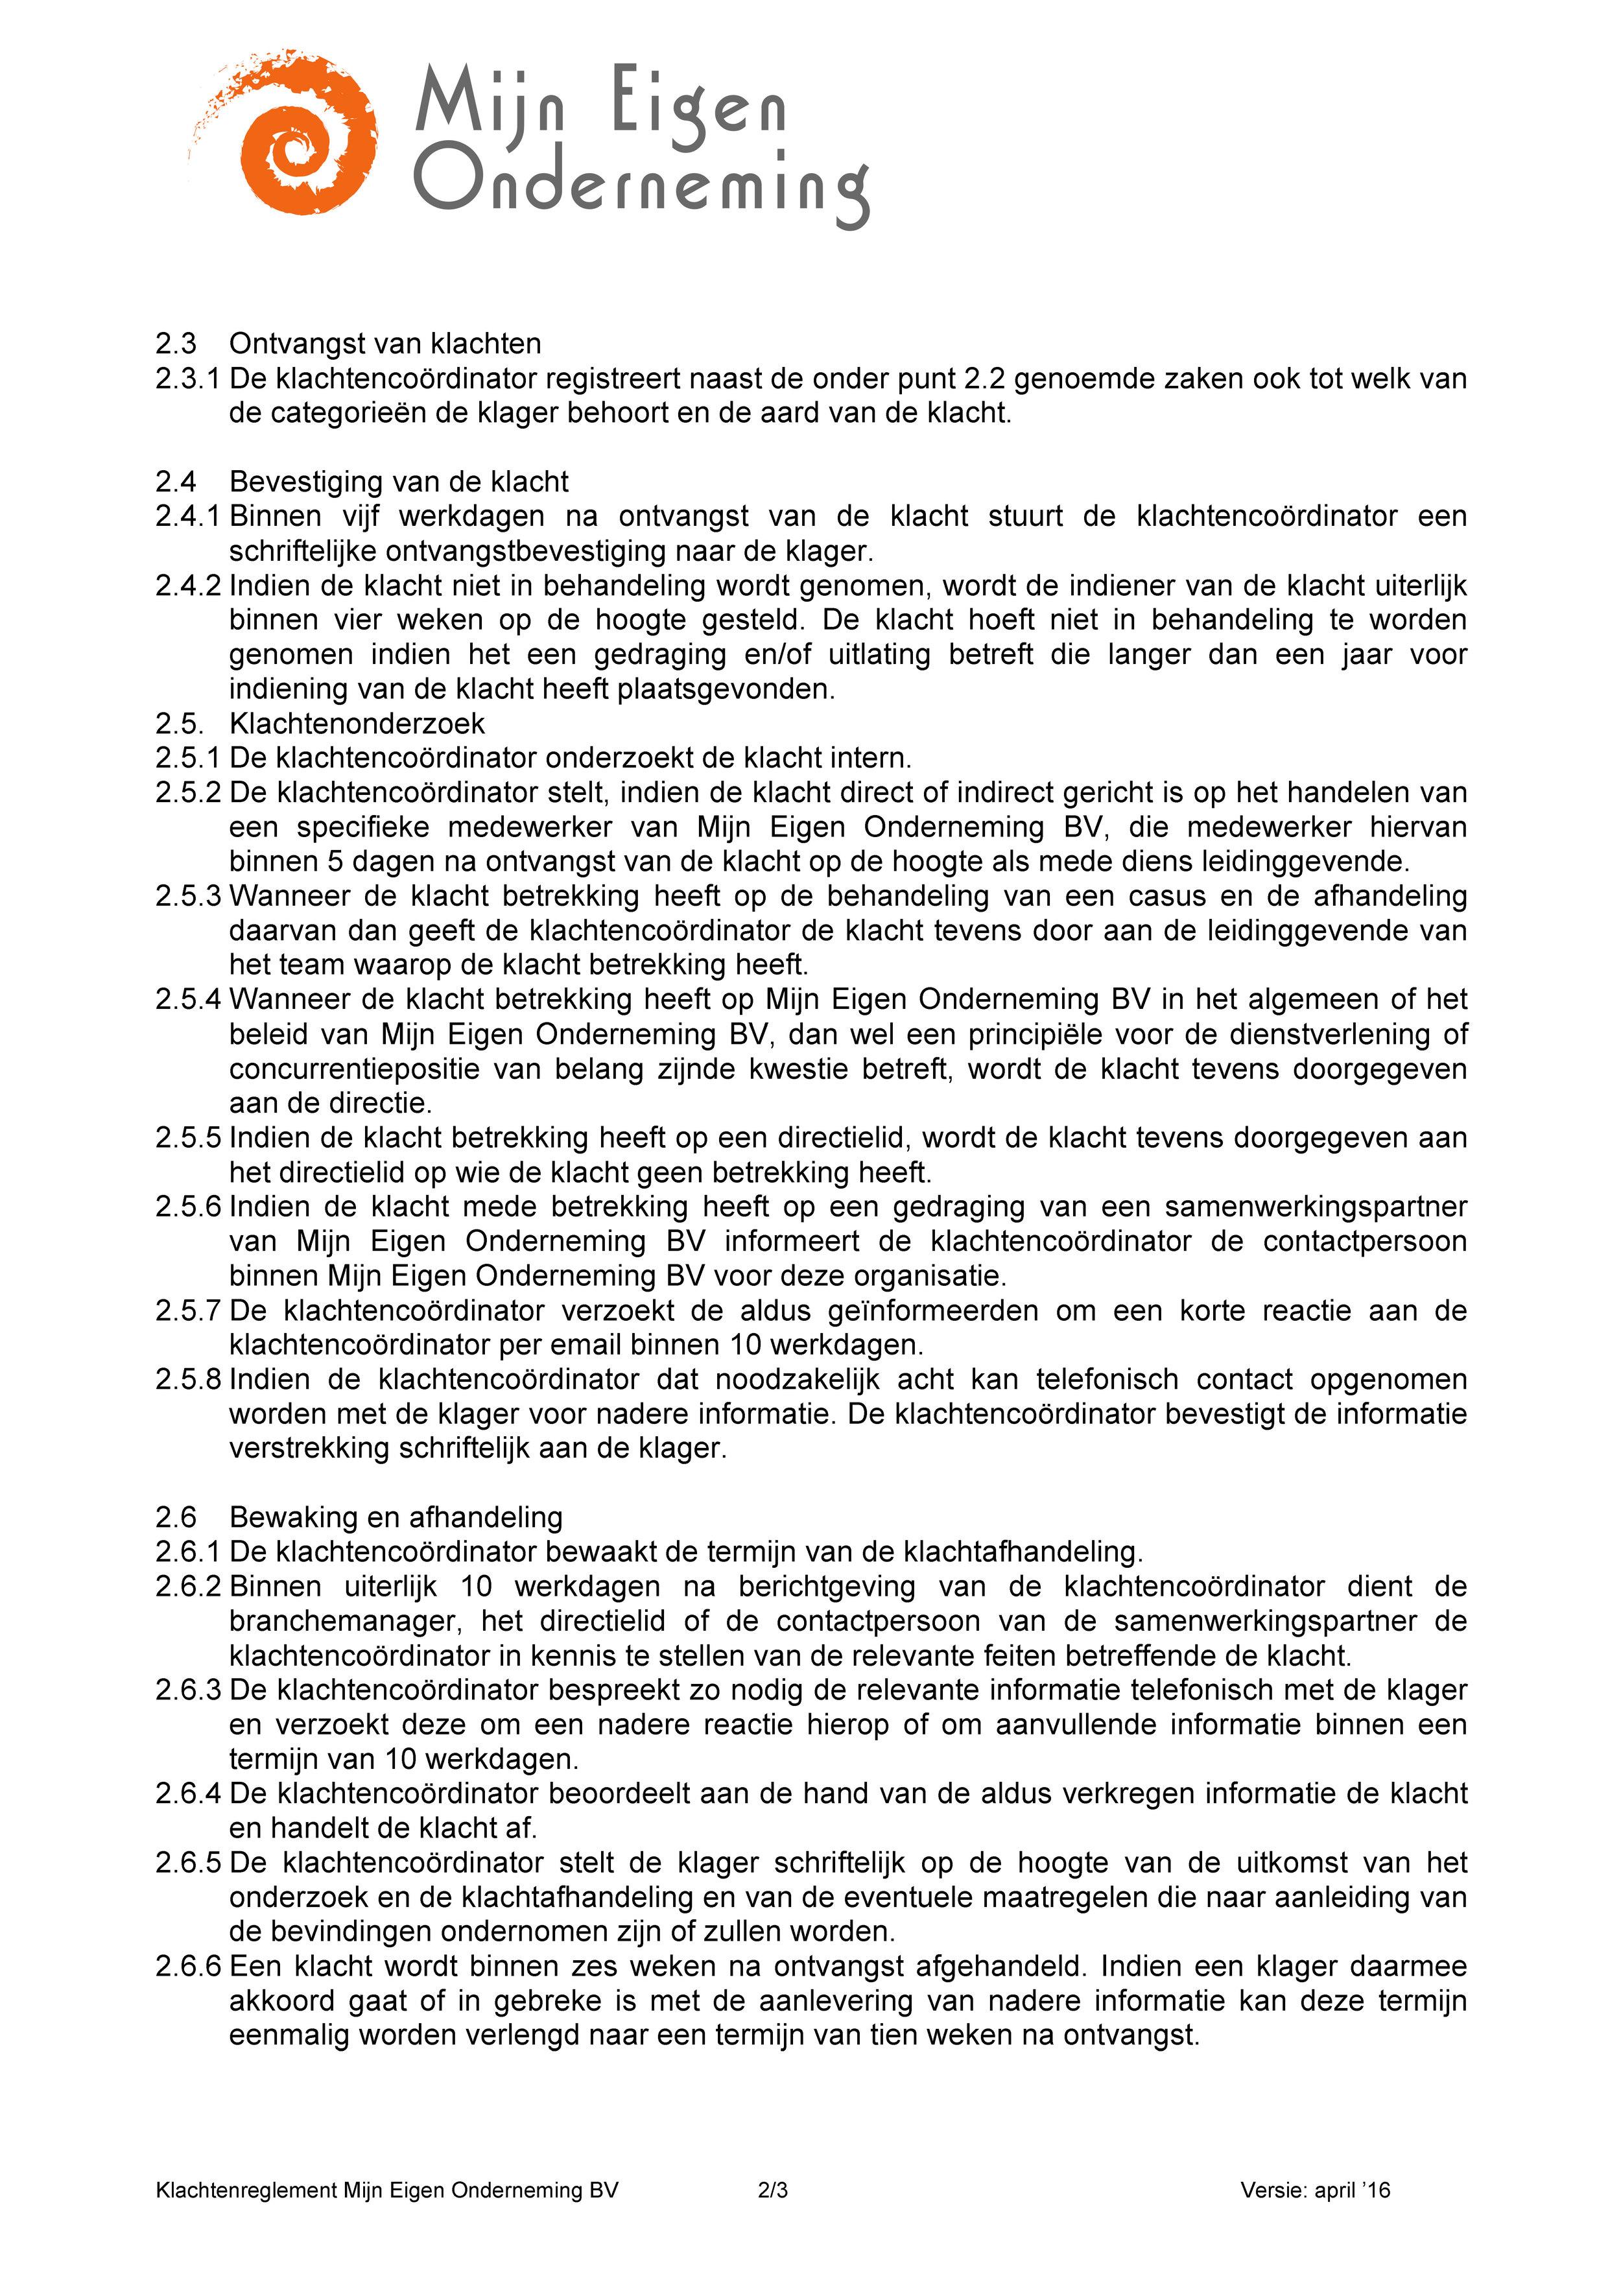 MEO Klachtenreglement_Pagina_2.jpg